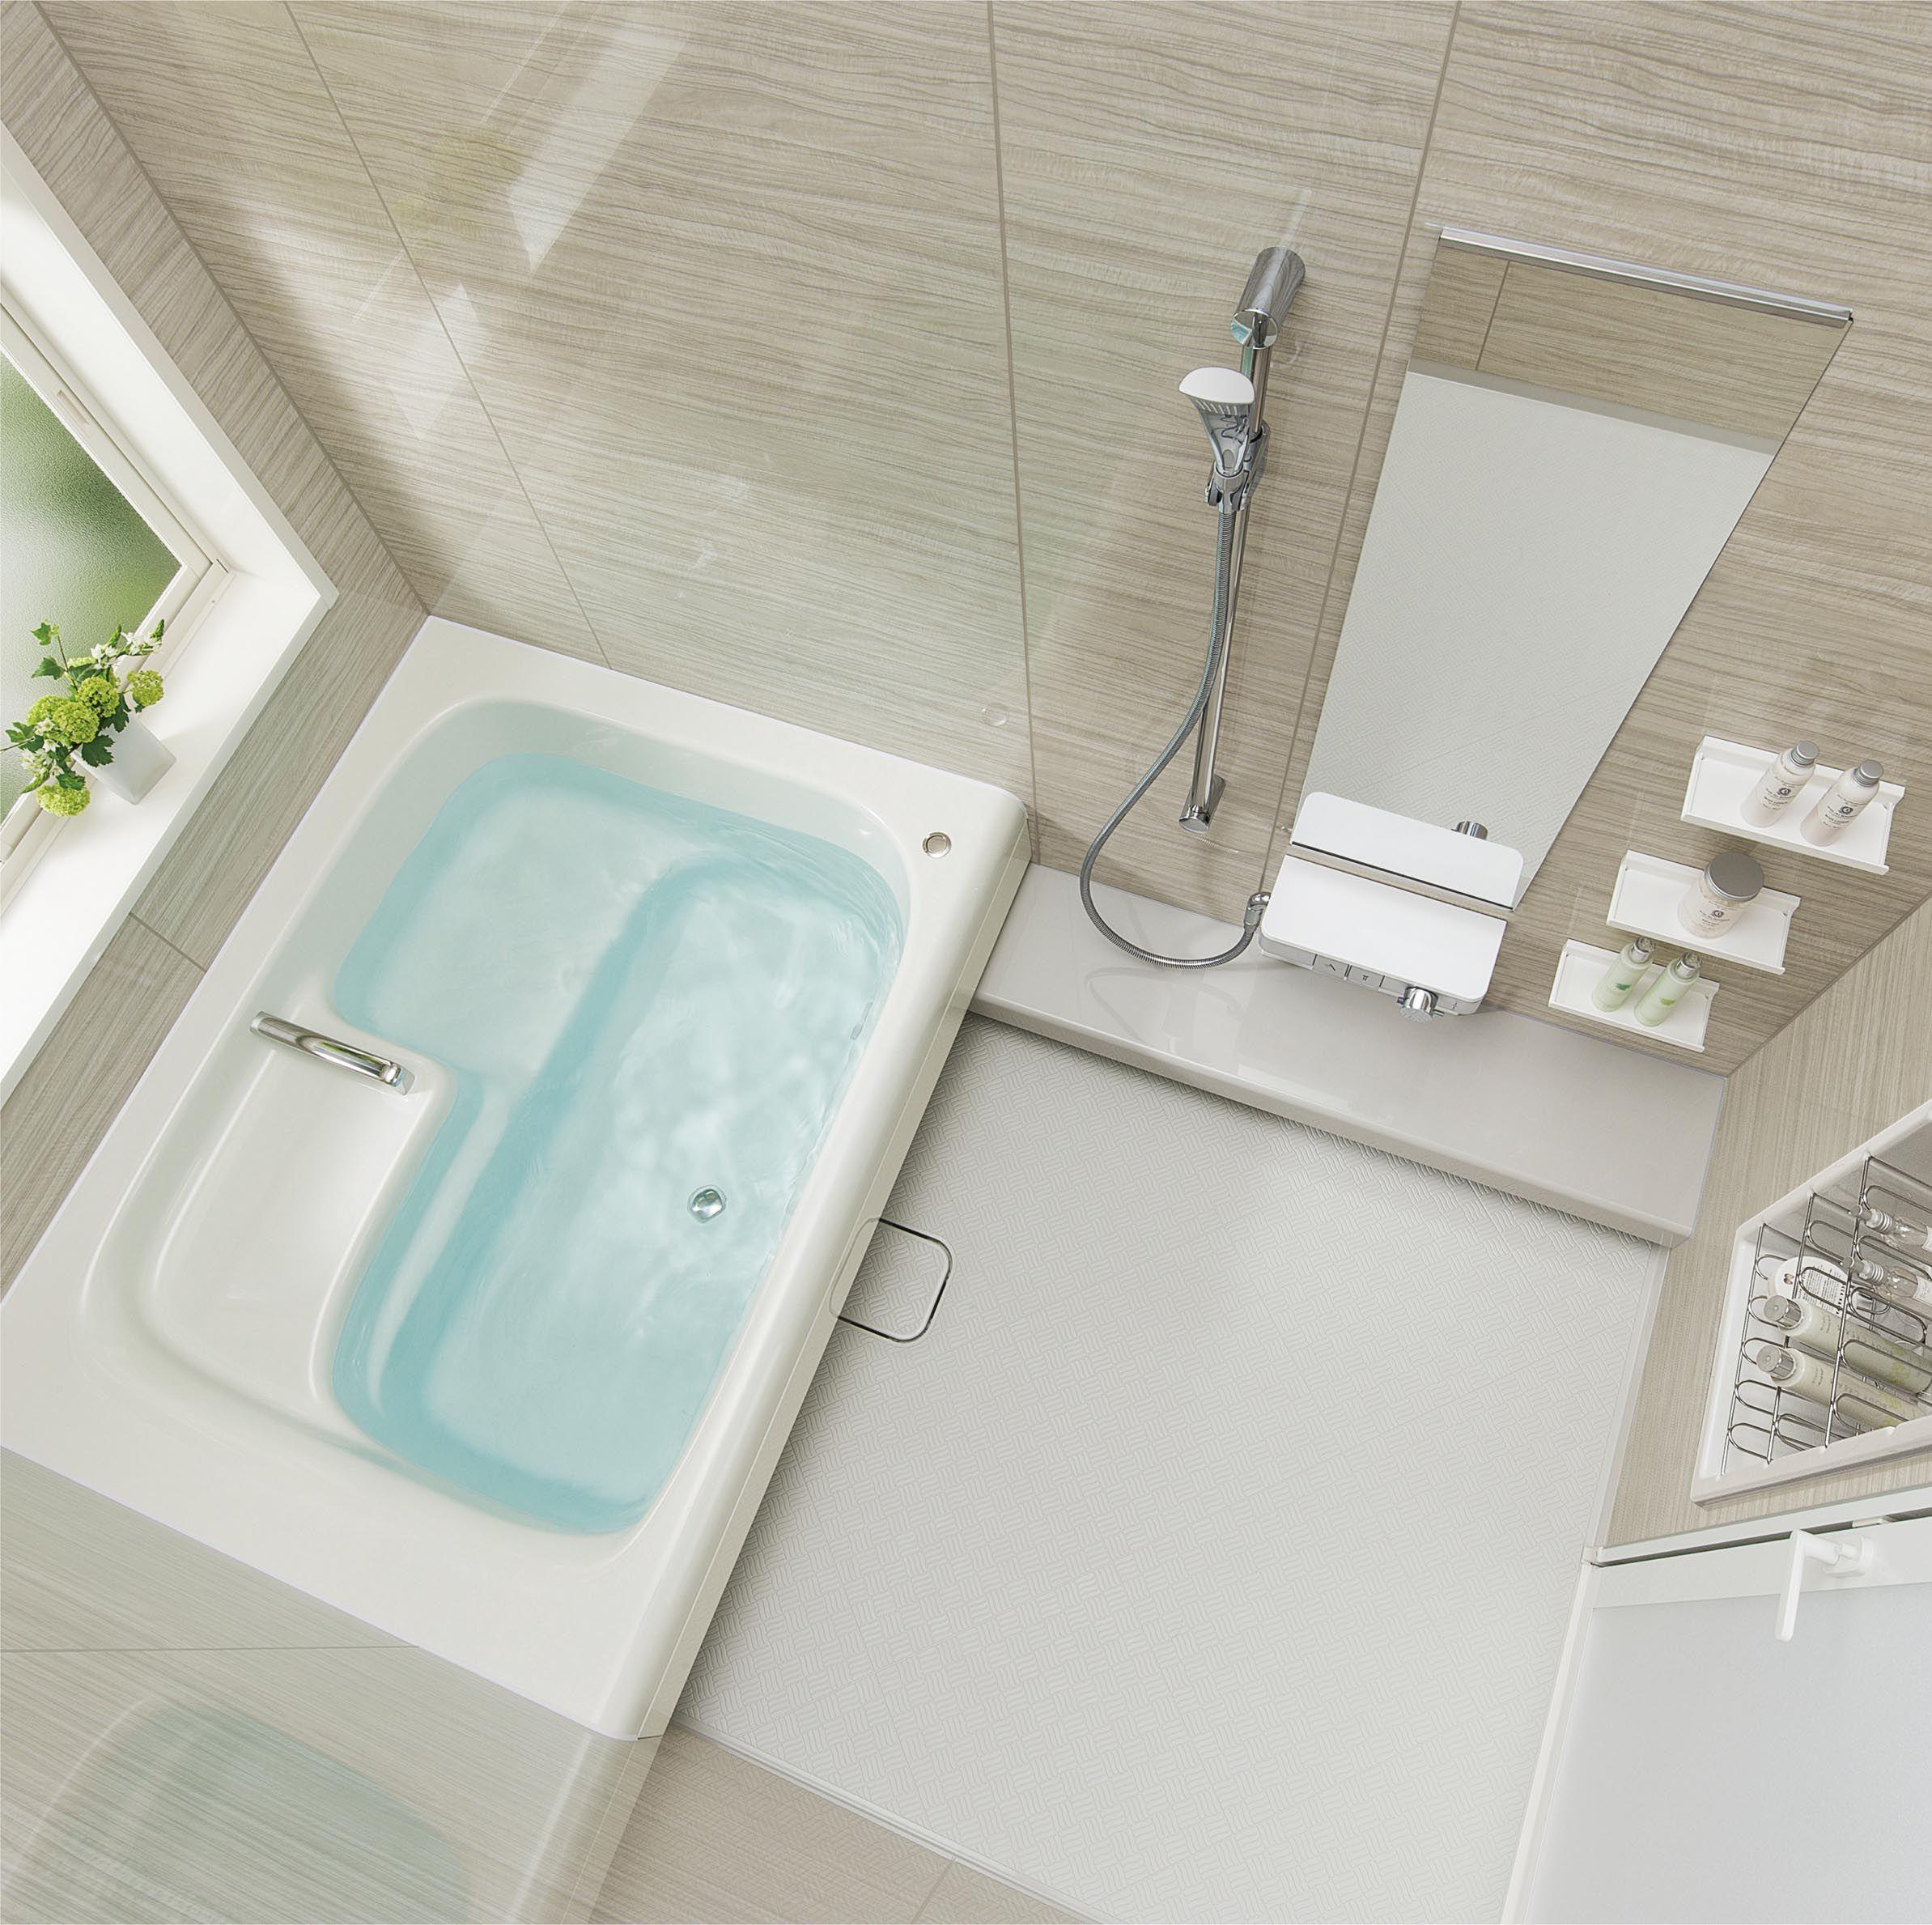 トクラスバスルーム ストーリー 1 5坪 足湯 半身浴もできるバスタブ バスルーム 理想のバスルーム お風呂